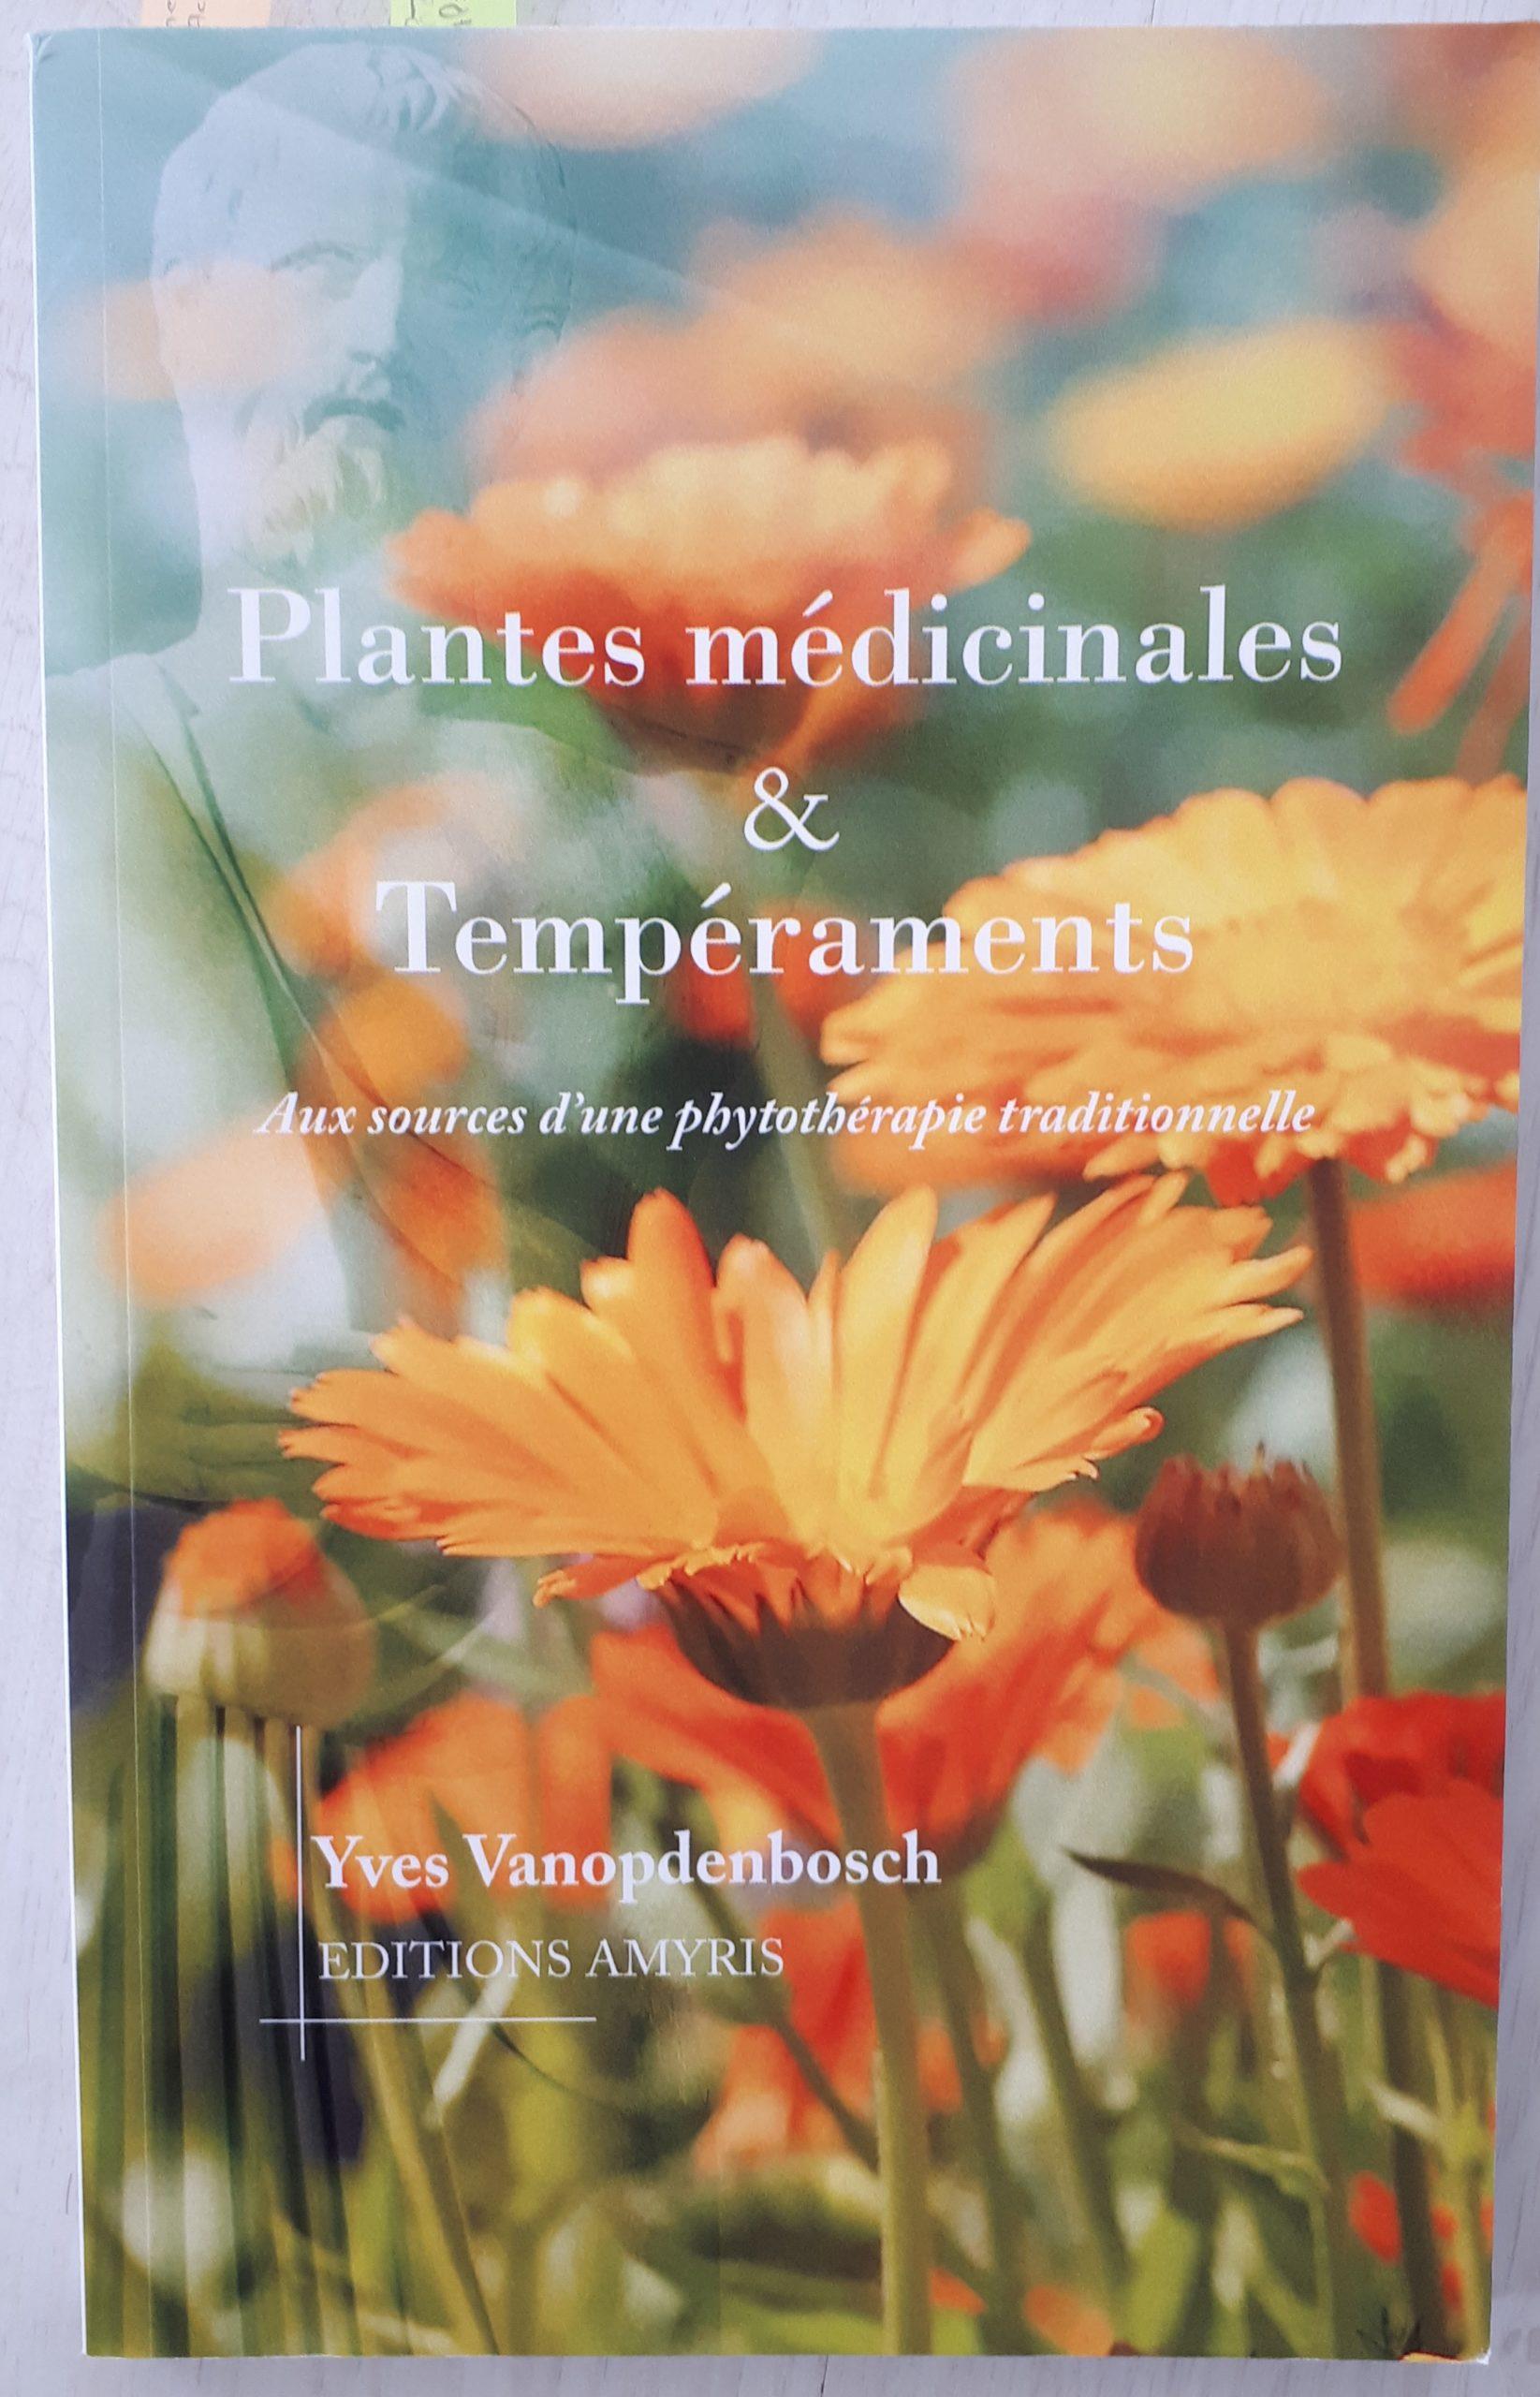 Supernaturo-plantes médicinales et témpéraments